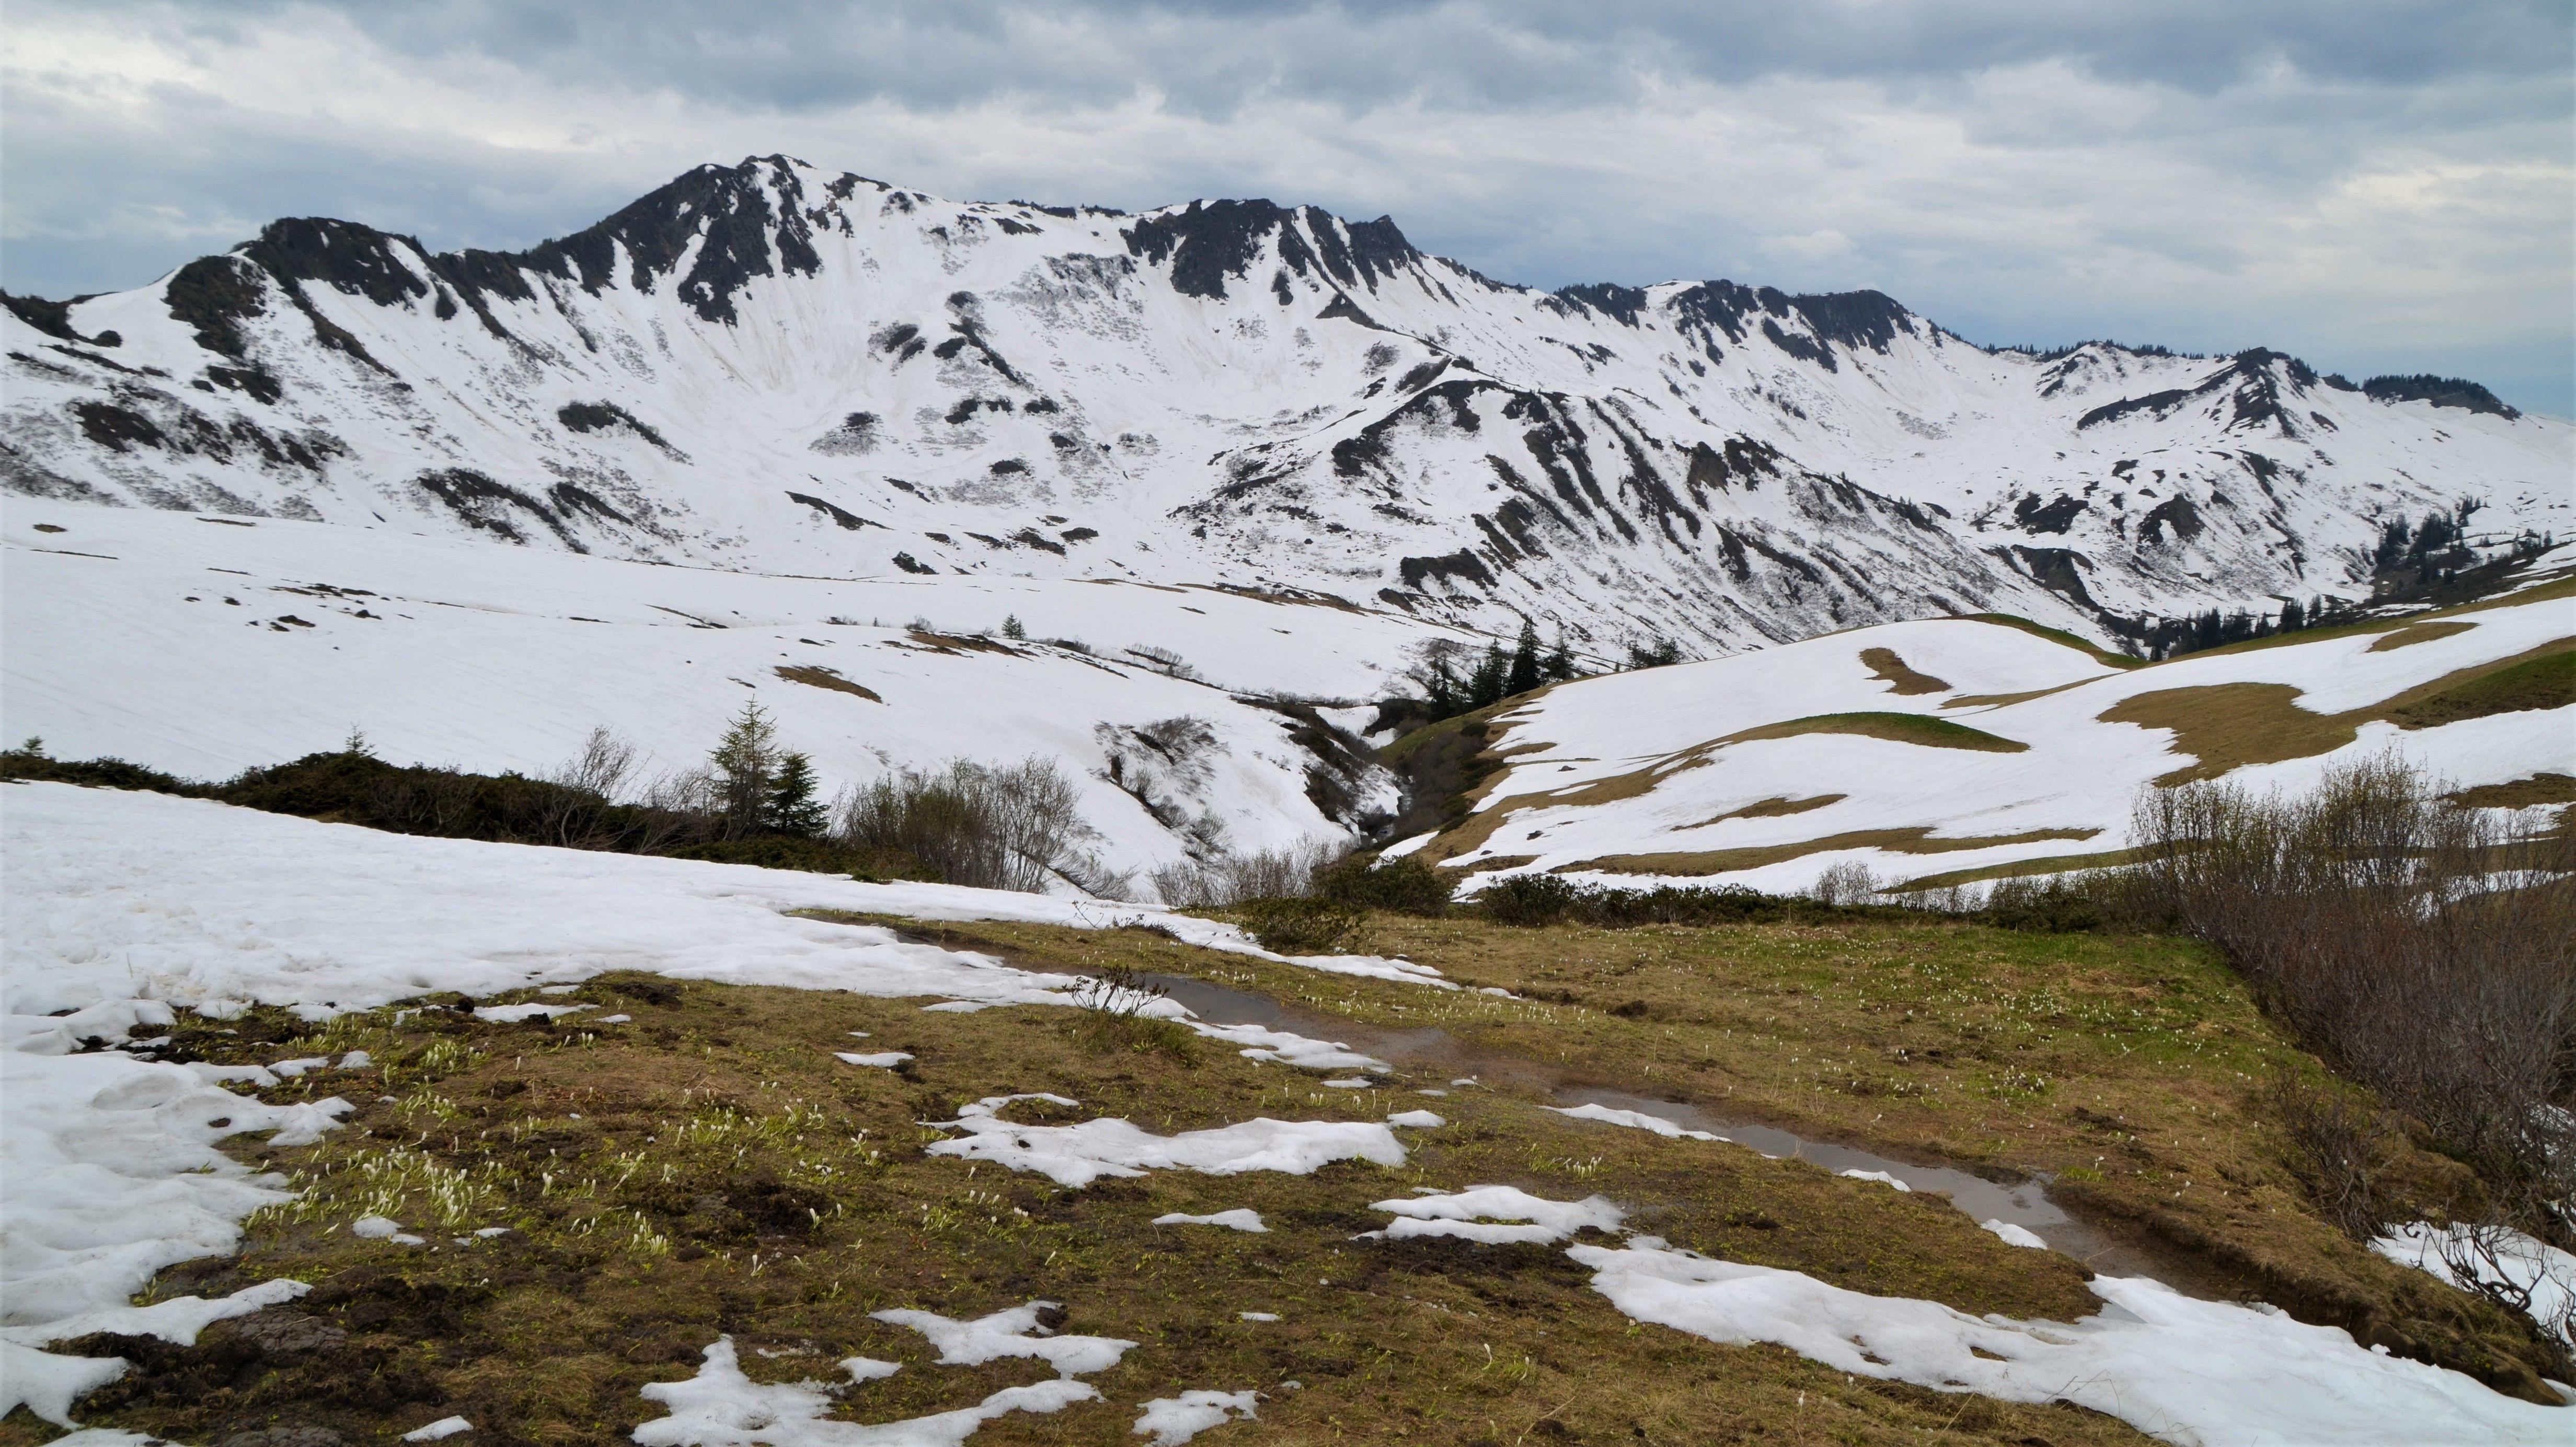 Skilager im Bregenzer Wald: Klimasorgen und Schneemangel stellen Schulen vor die Frage, ob Skilager noch zeitgemäß sind.